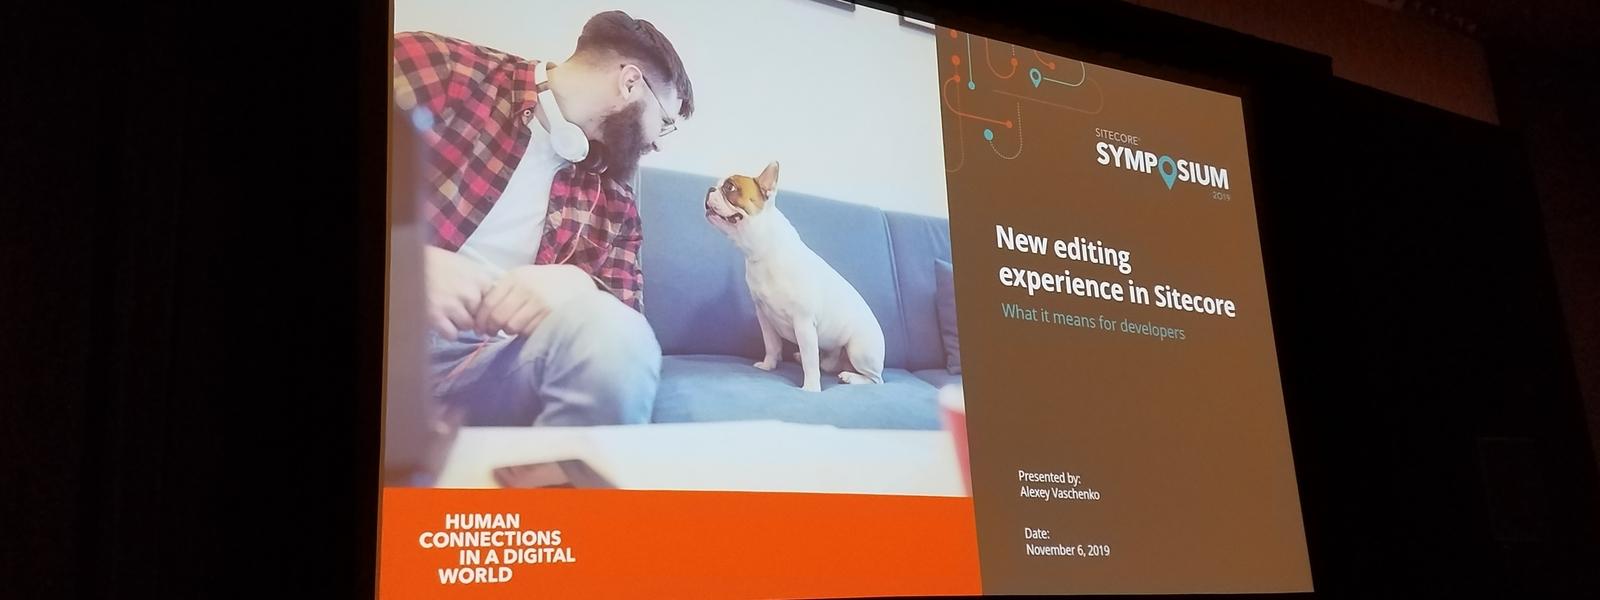 Editing Session at Sitecore Symposium